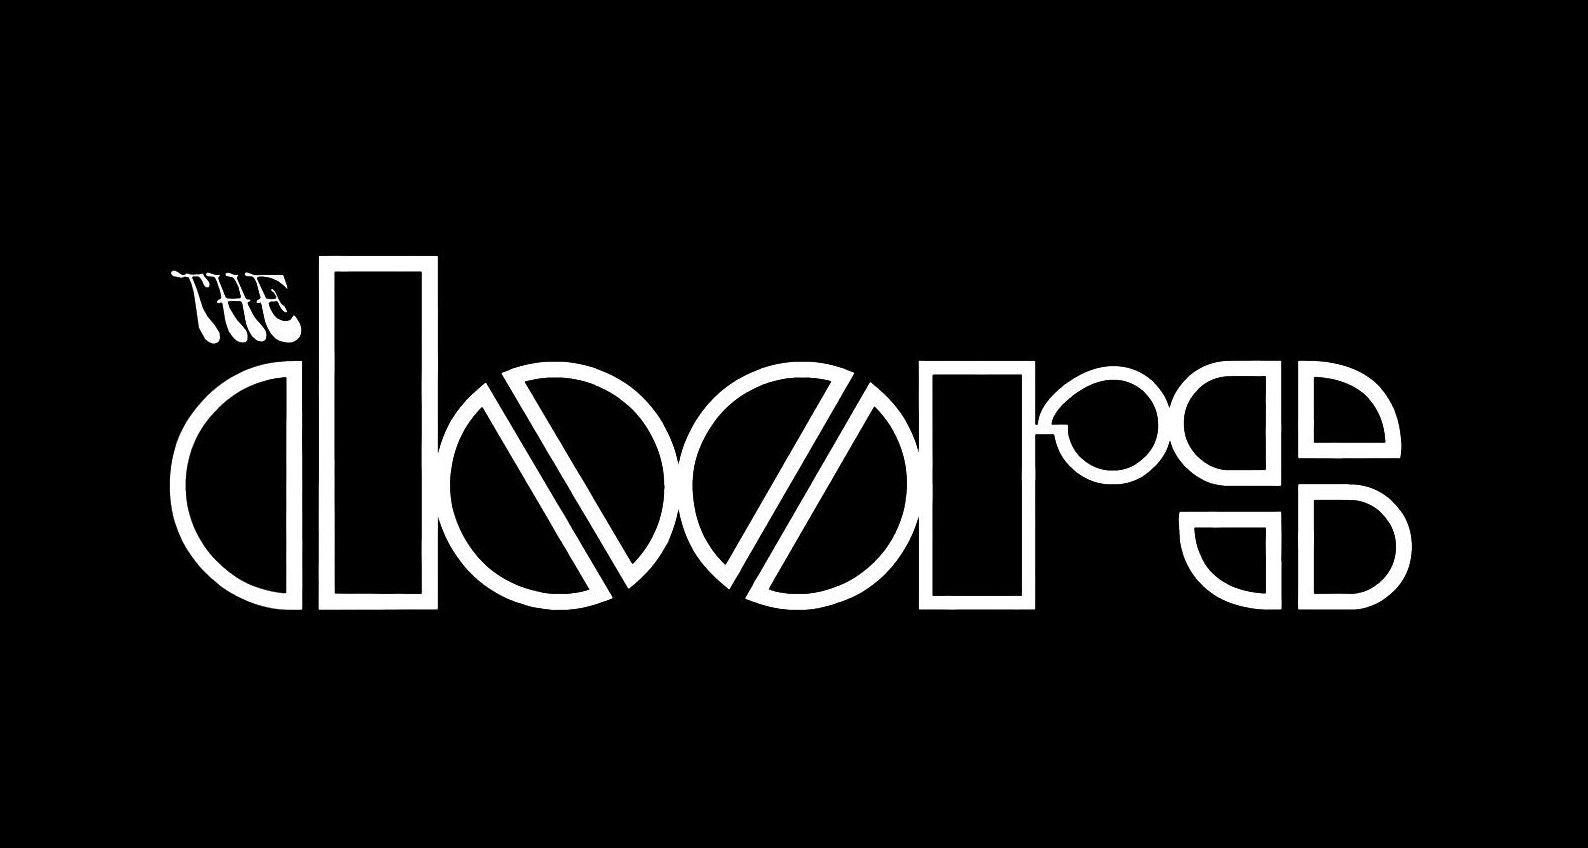 The Doors Band Logo Design Rock Band Logos Band Logos